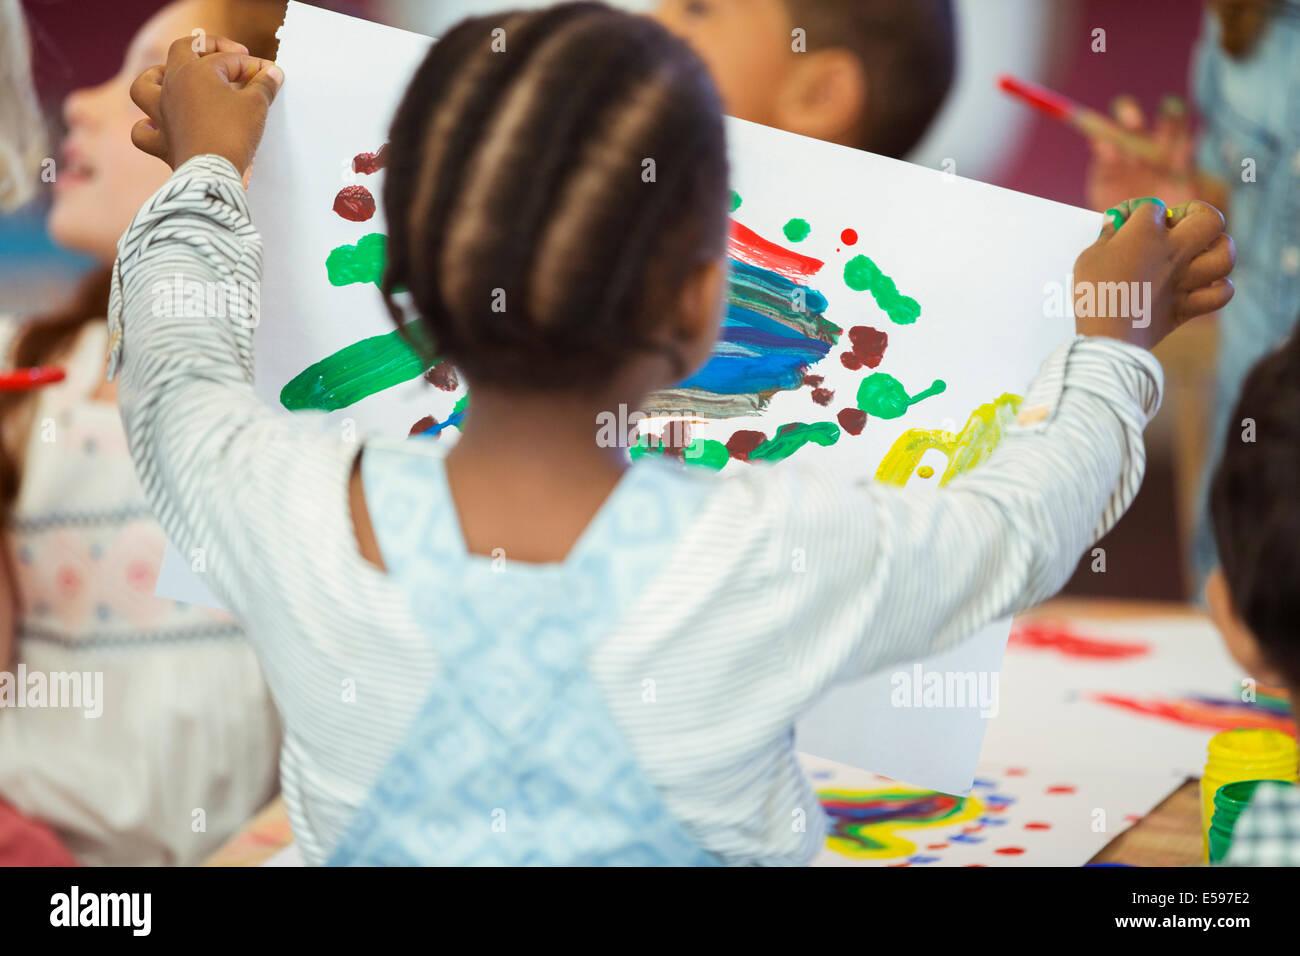 Celebración del Estudiante en la clase de pintura Imagen De Stock